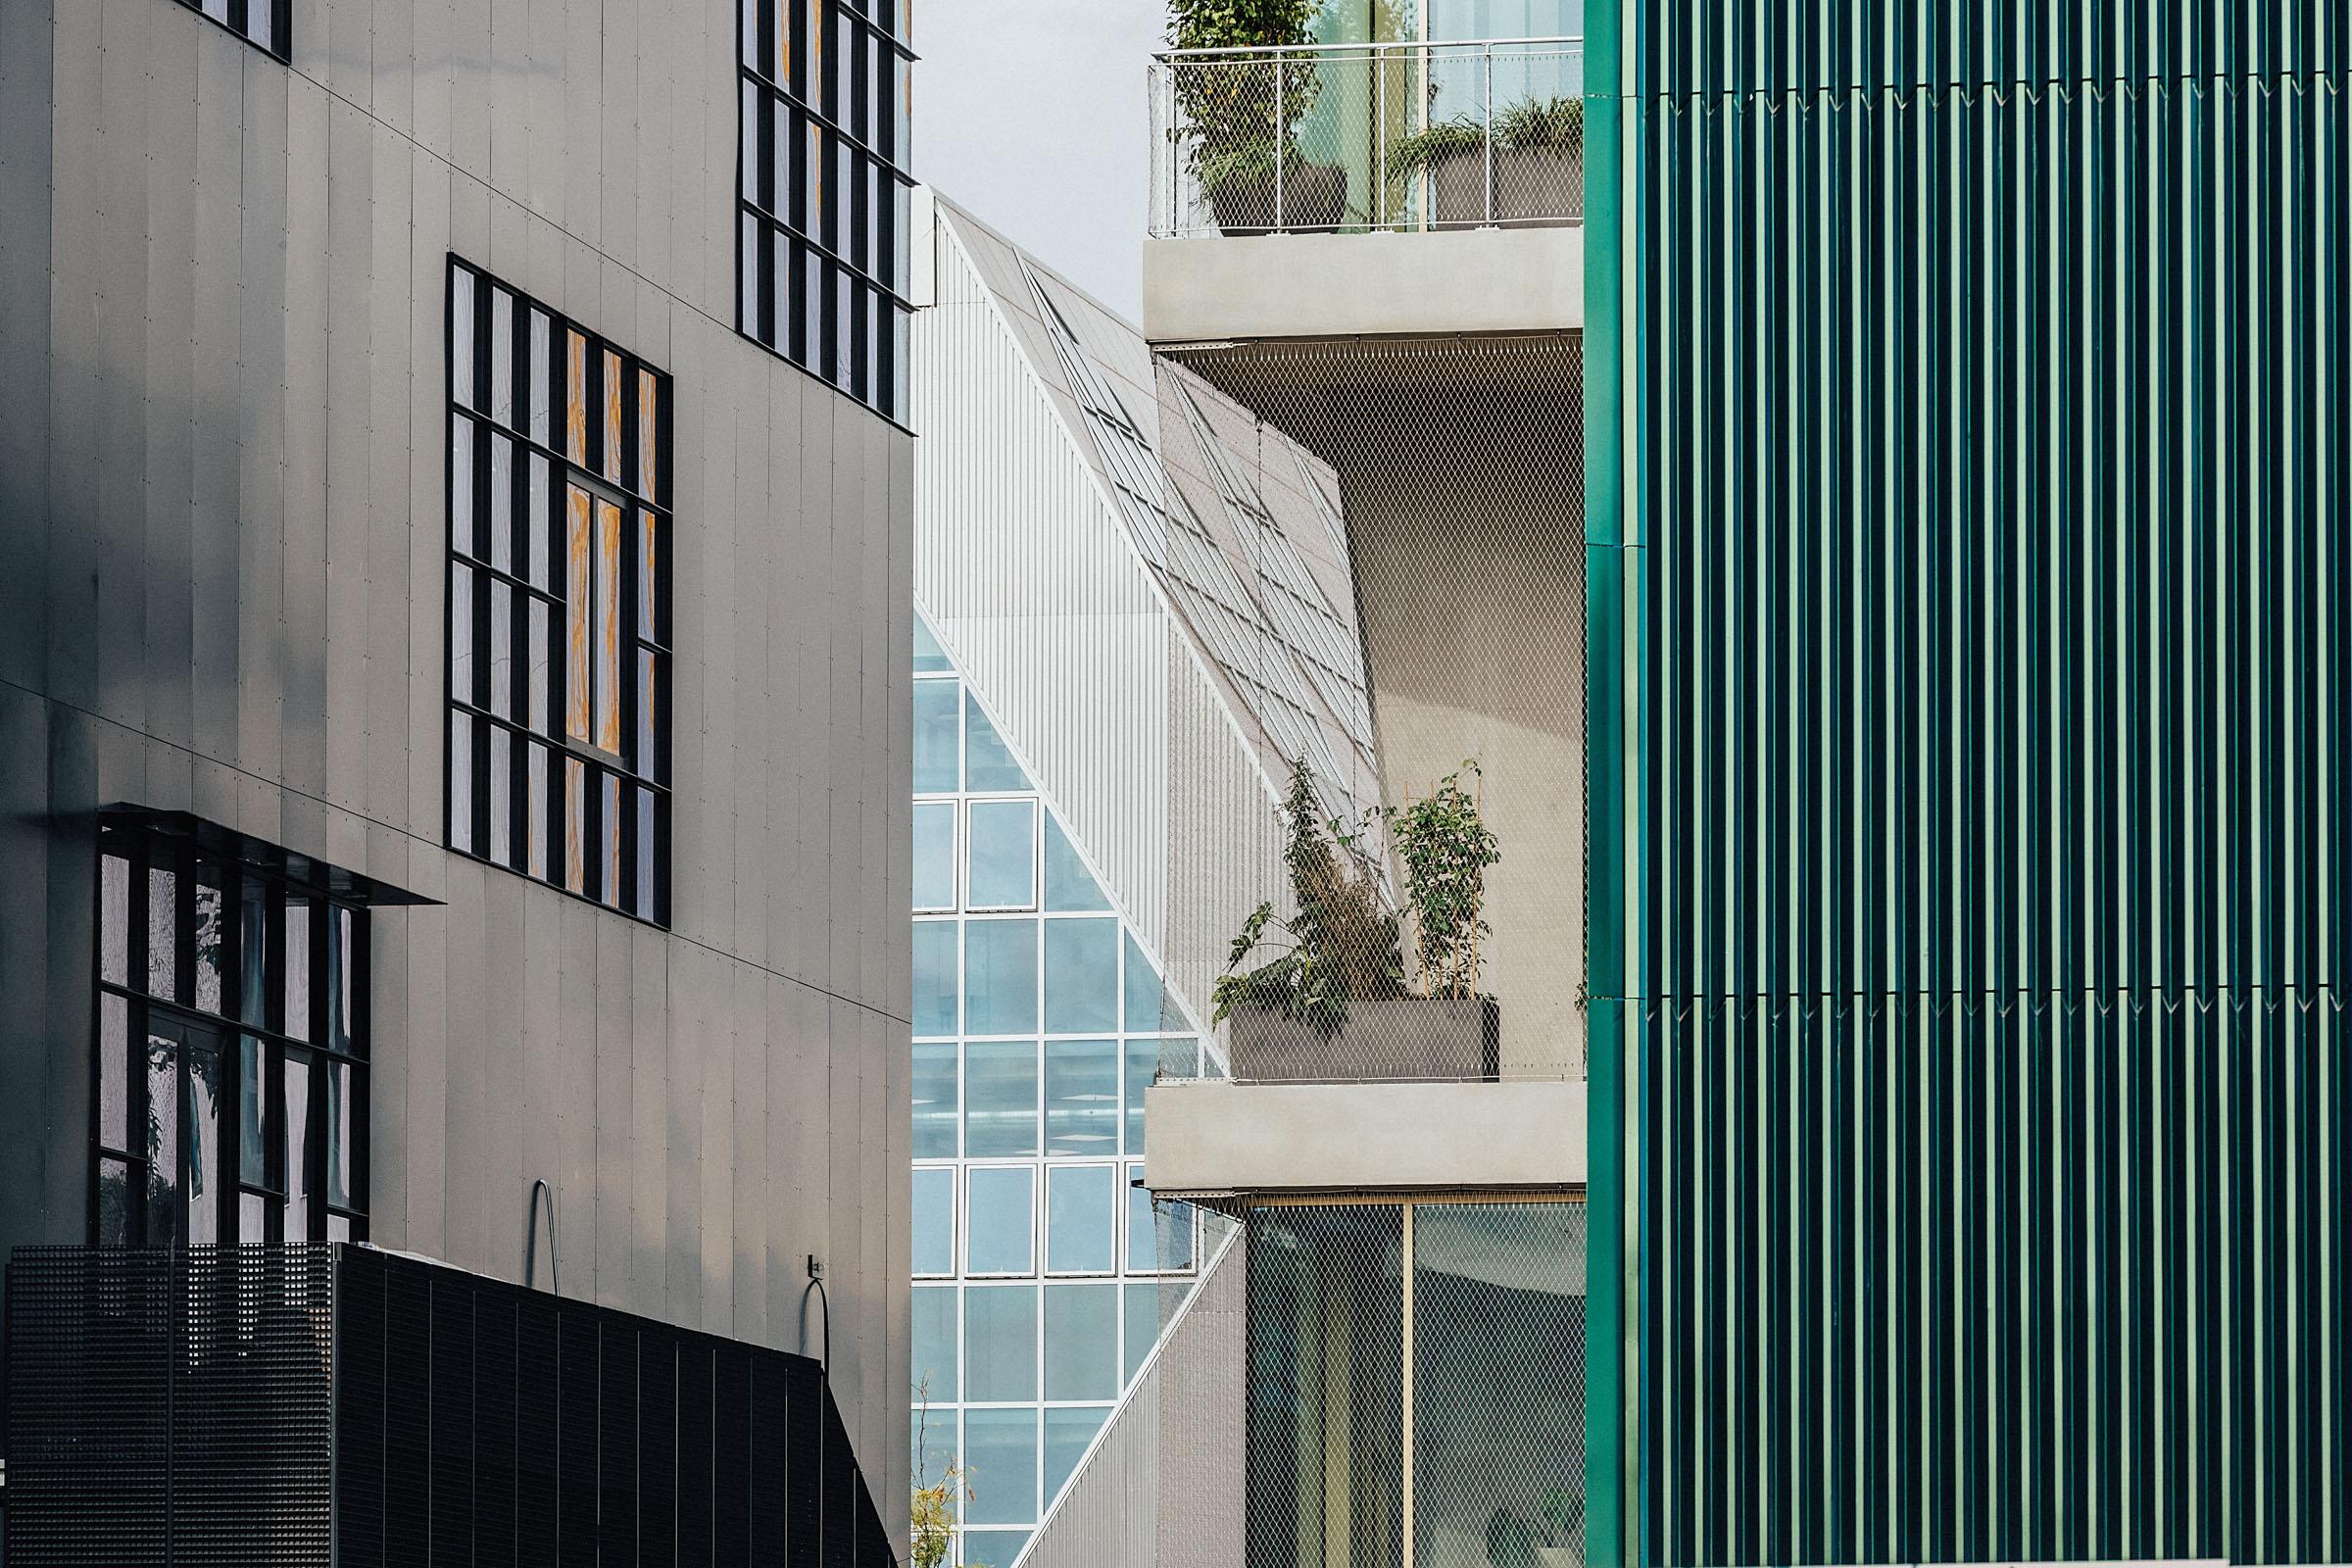 Four building facades